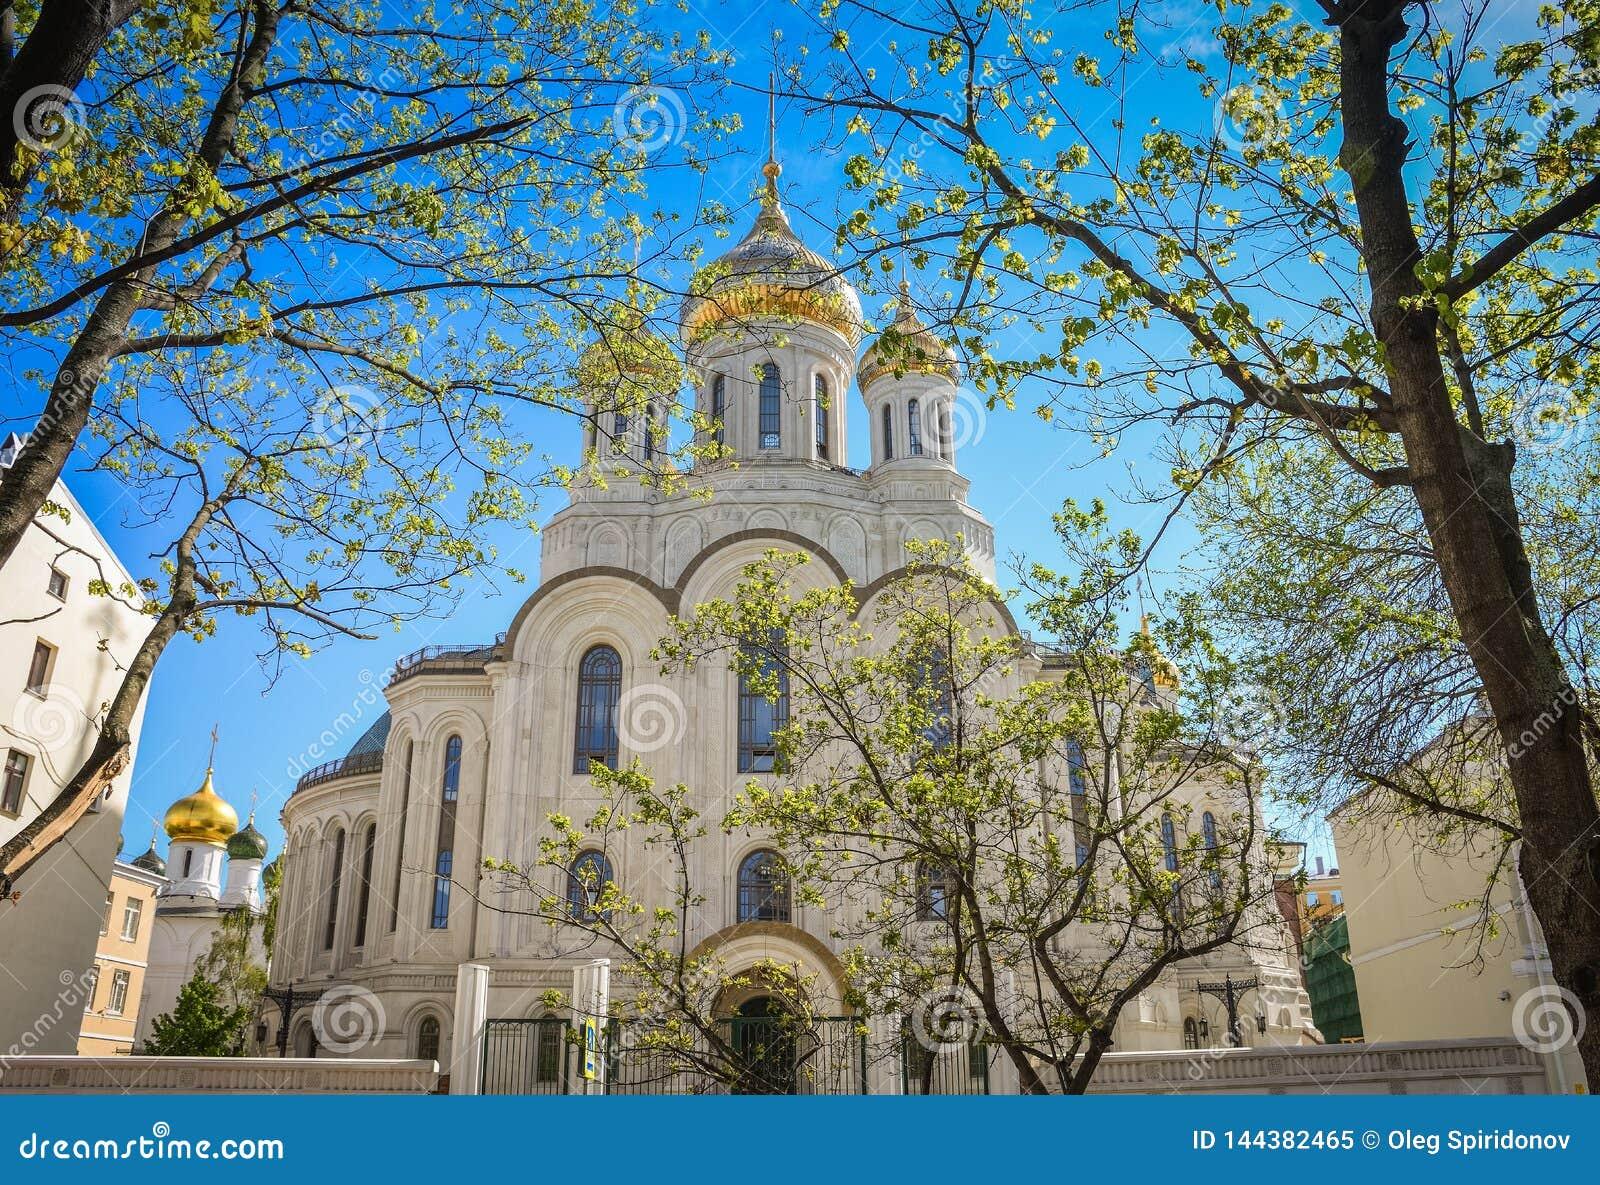 Εκκλησία με τους χρυσούς θόλους στο φως του ήλιου μεταξύ των δέντρων